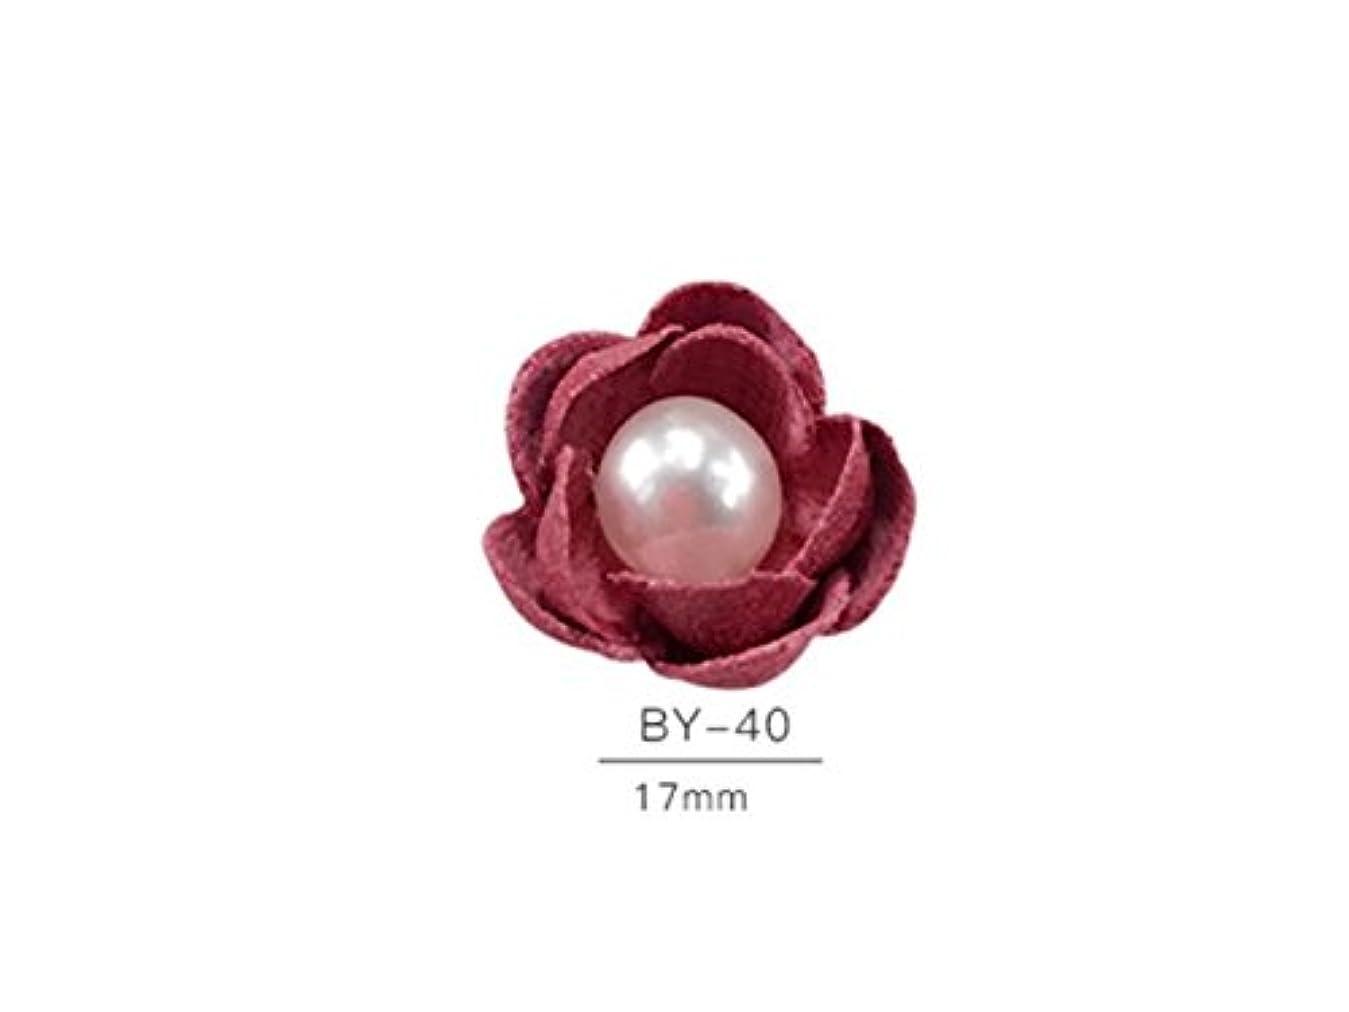 羊一元化する平和的Osize 2個のカラフルなネイルアート樹脂真珠の宝石類ファブリックネイルアートデコレーションネイルステッカー(赤)